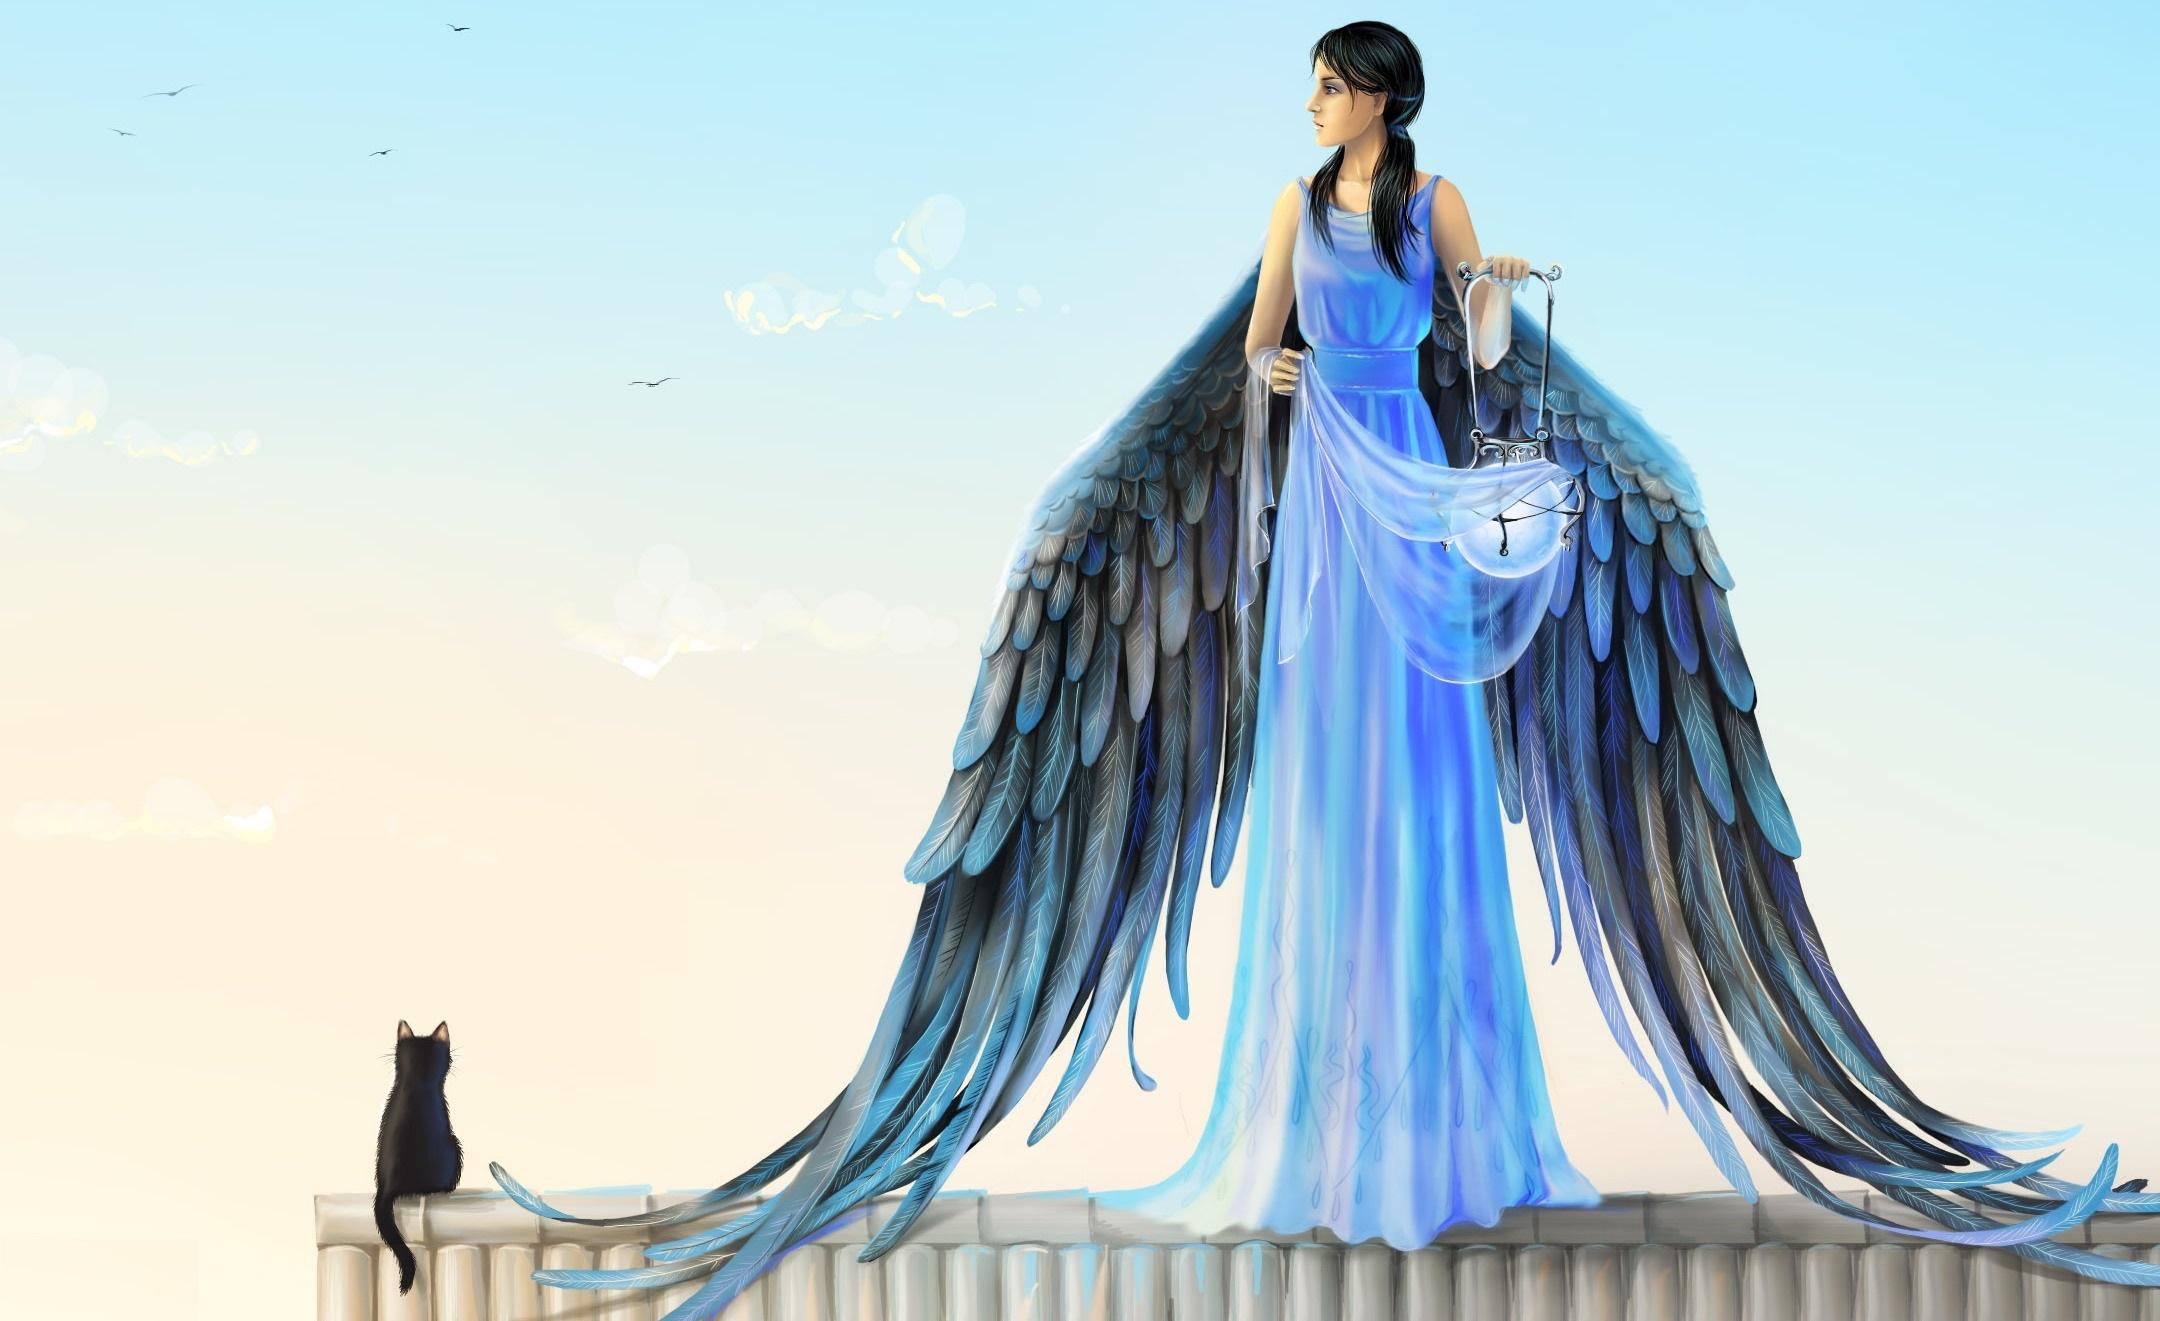 121695 Hintergrundbild herunterladen Engel, Mädchen, Kunst, Der Kater, Katze, Lampe, Flügel, Dach - Bildschirmschoner und Bilder kostenlos